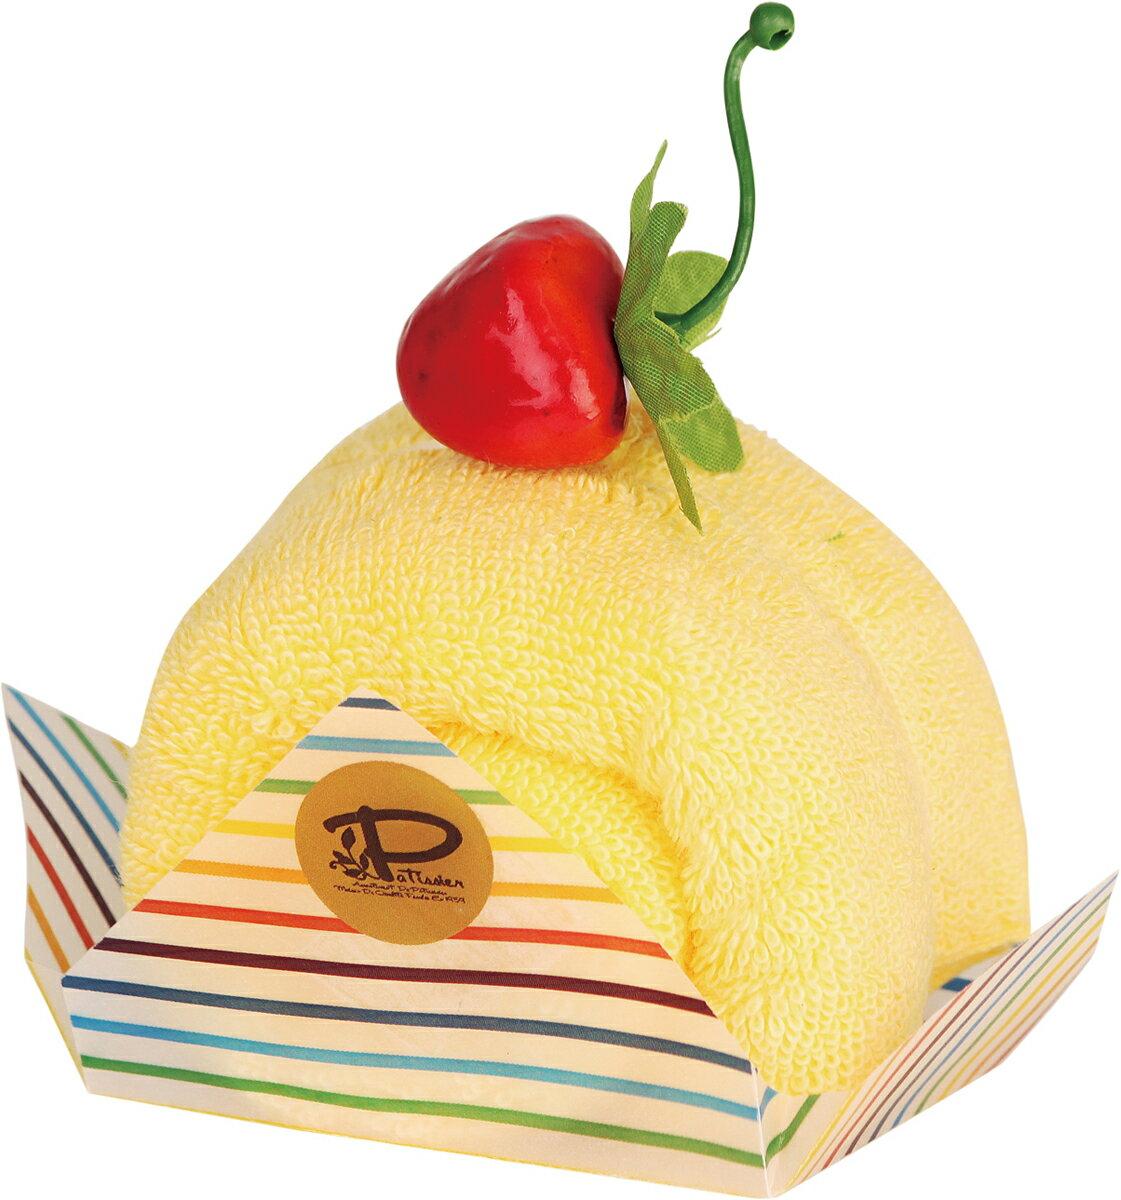 プレーリードッグ ロールケーキ マンダリン LPSR-7043【あす楽対応】【今治タオル】【ケーキタオル】【上質な肌触り】【日本製】【タオルギフト】【プチギフト】【簡易ラッピング済】 見た目に美味しく、貰って嬉しいタオルギフト。 お返しにぴったりのプチギフト。